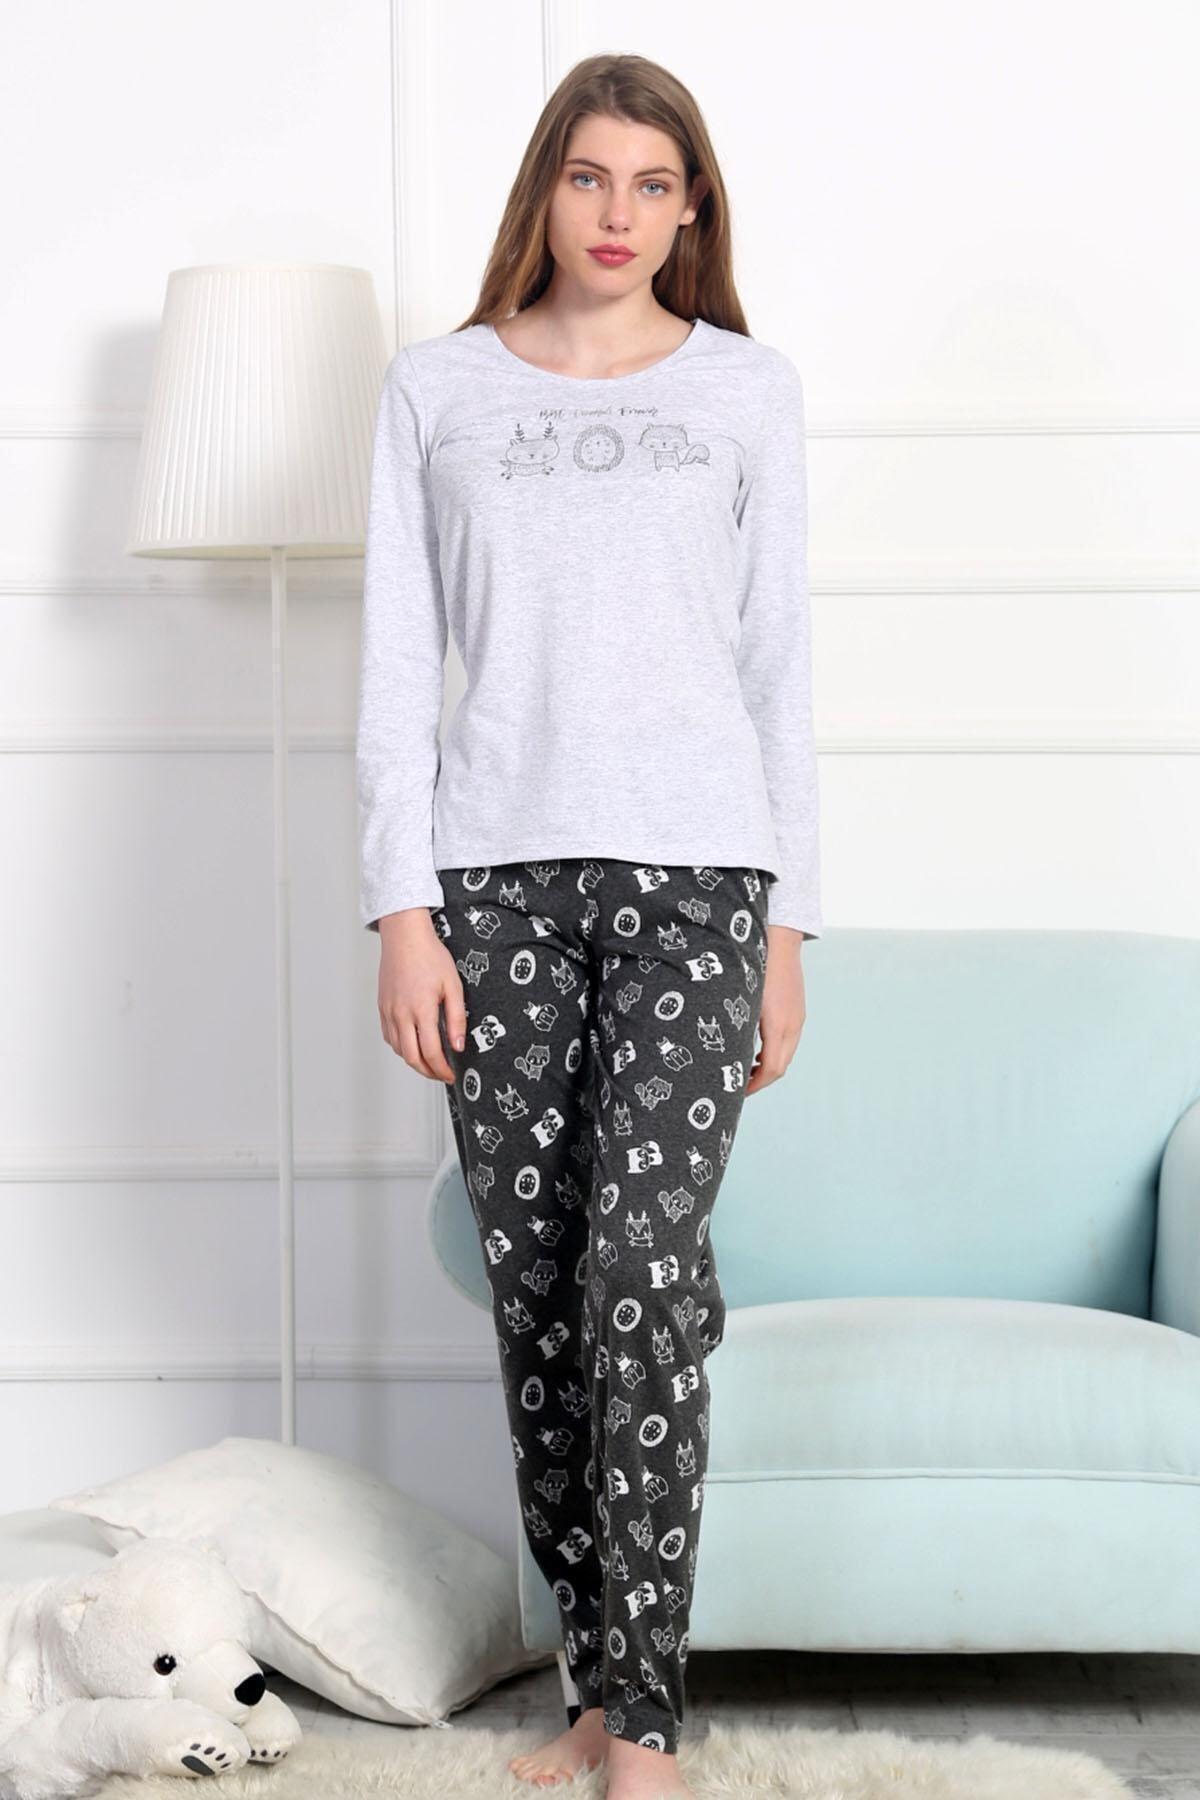 Pattaya Kadın Uzun Kollu Pijama Takımı Y20s137-8022151802 1